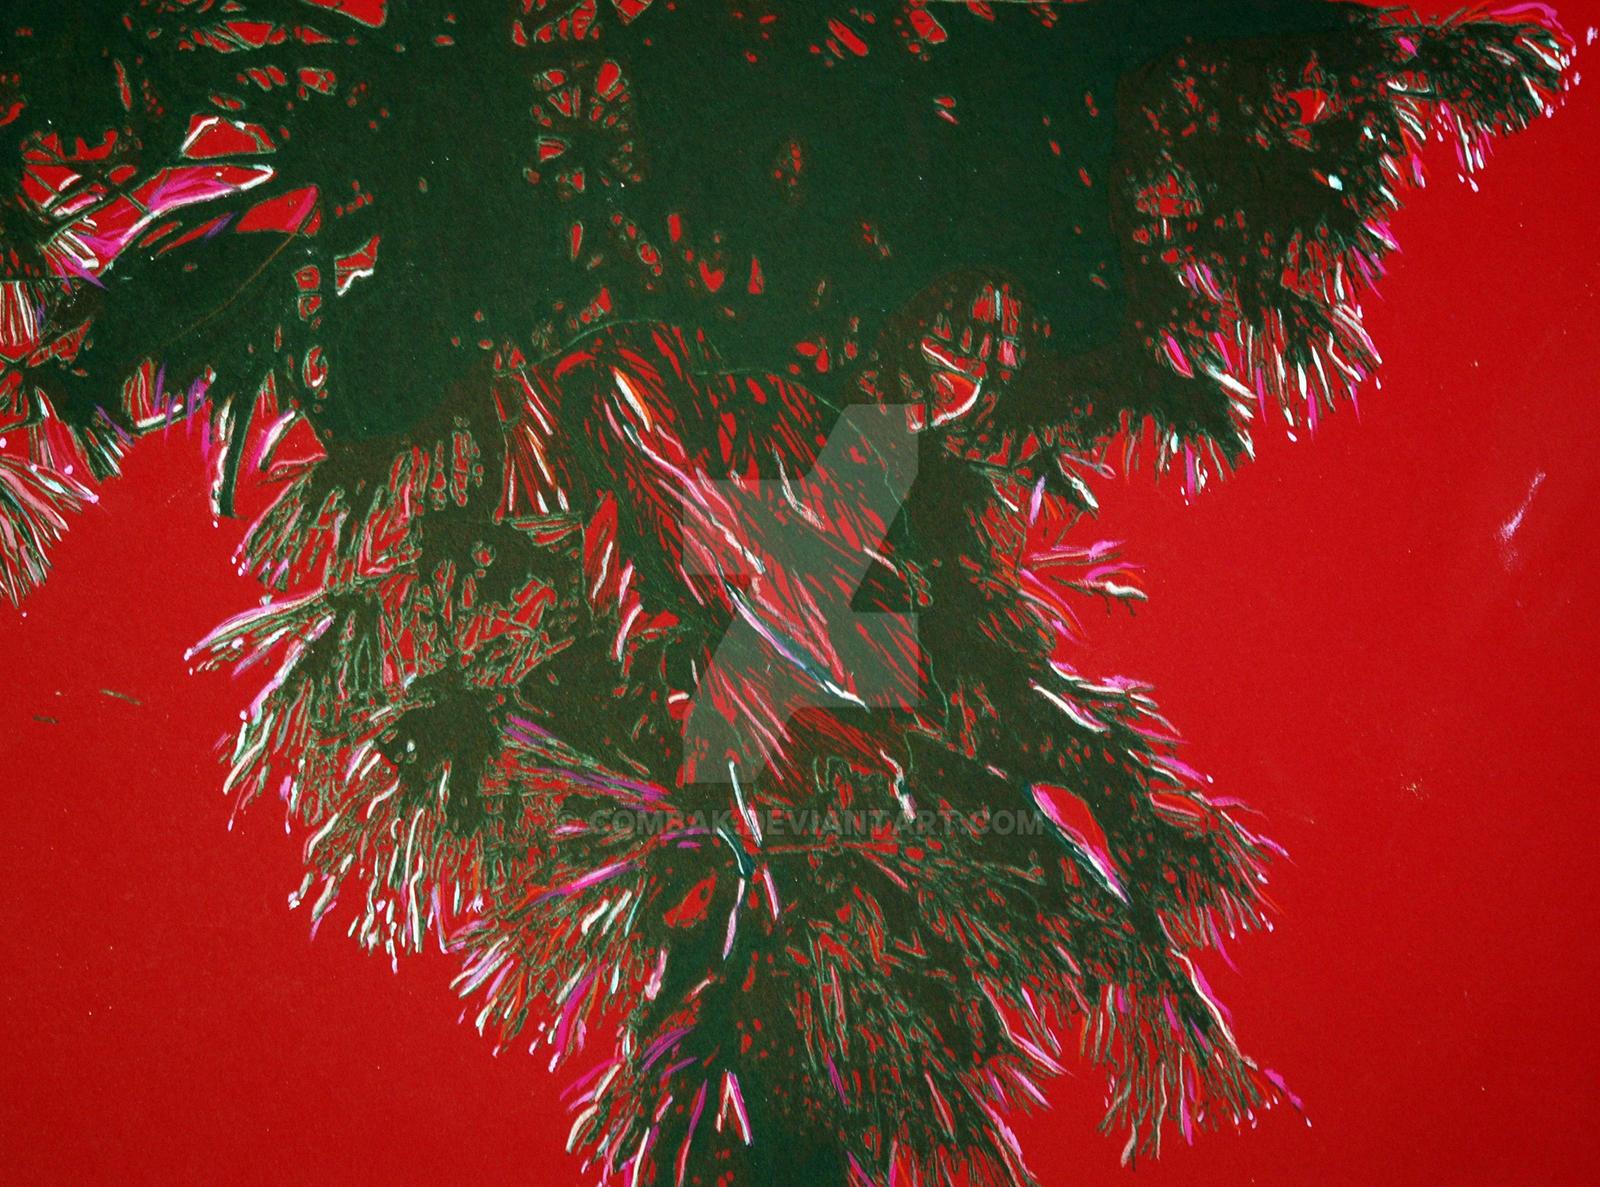 Pine Needles by Combak